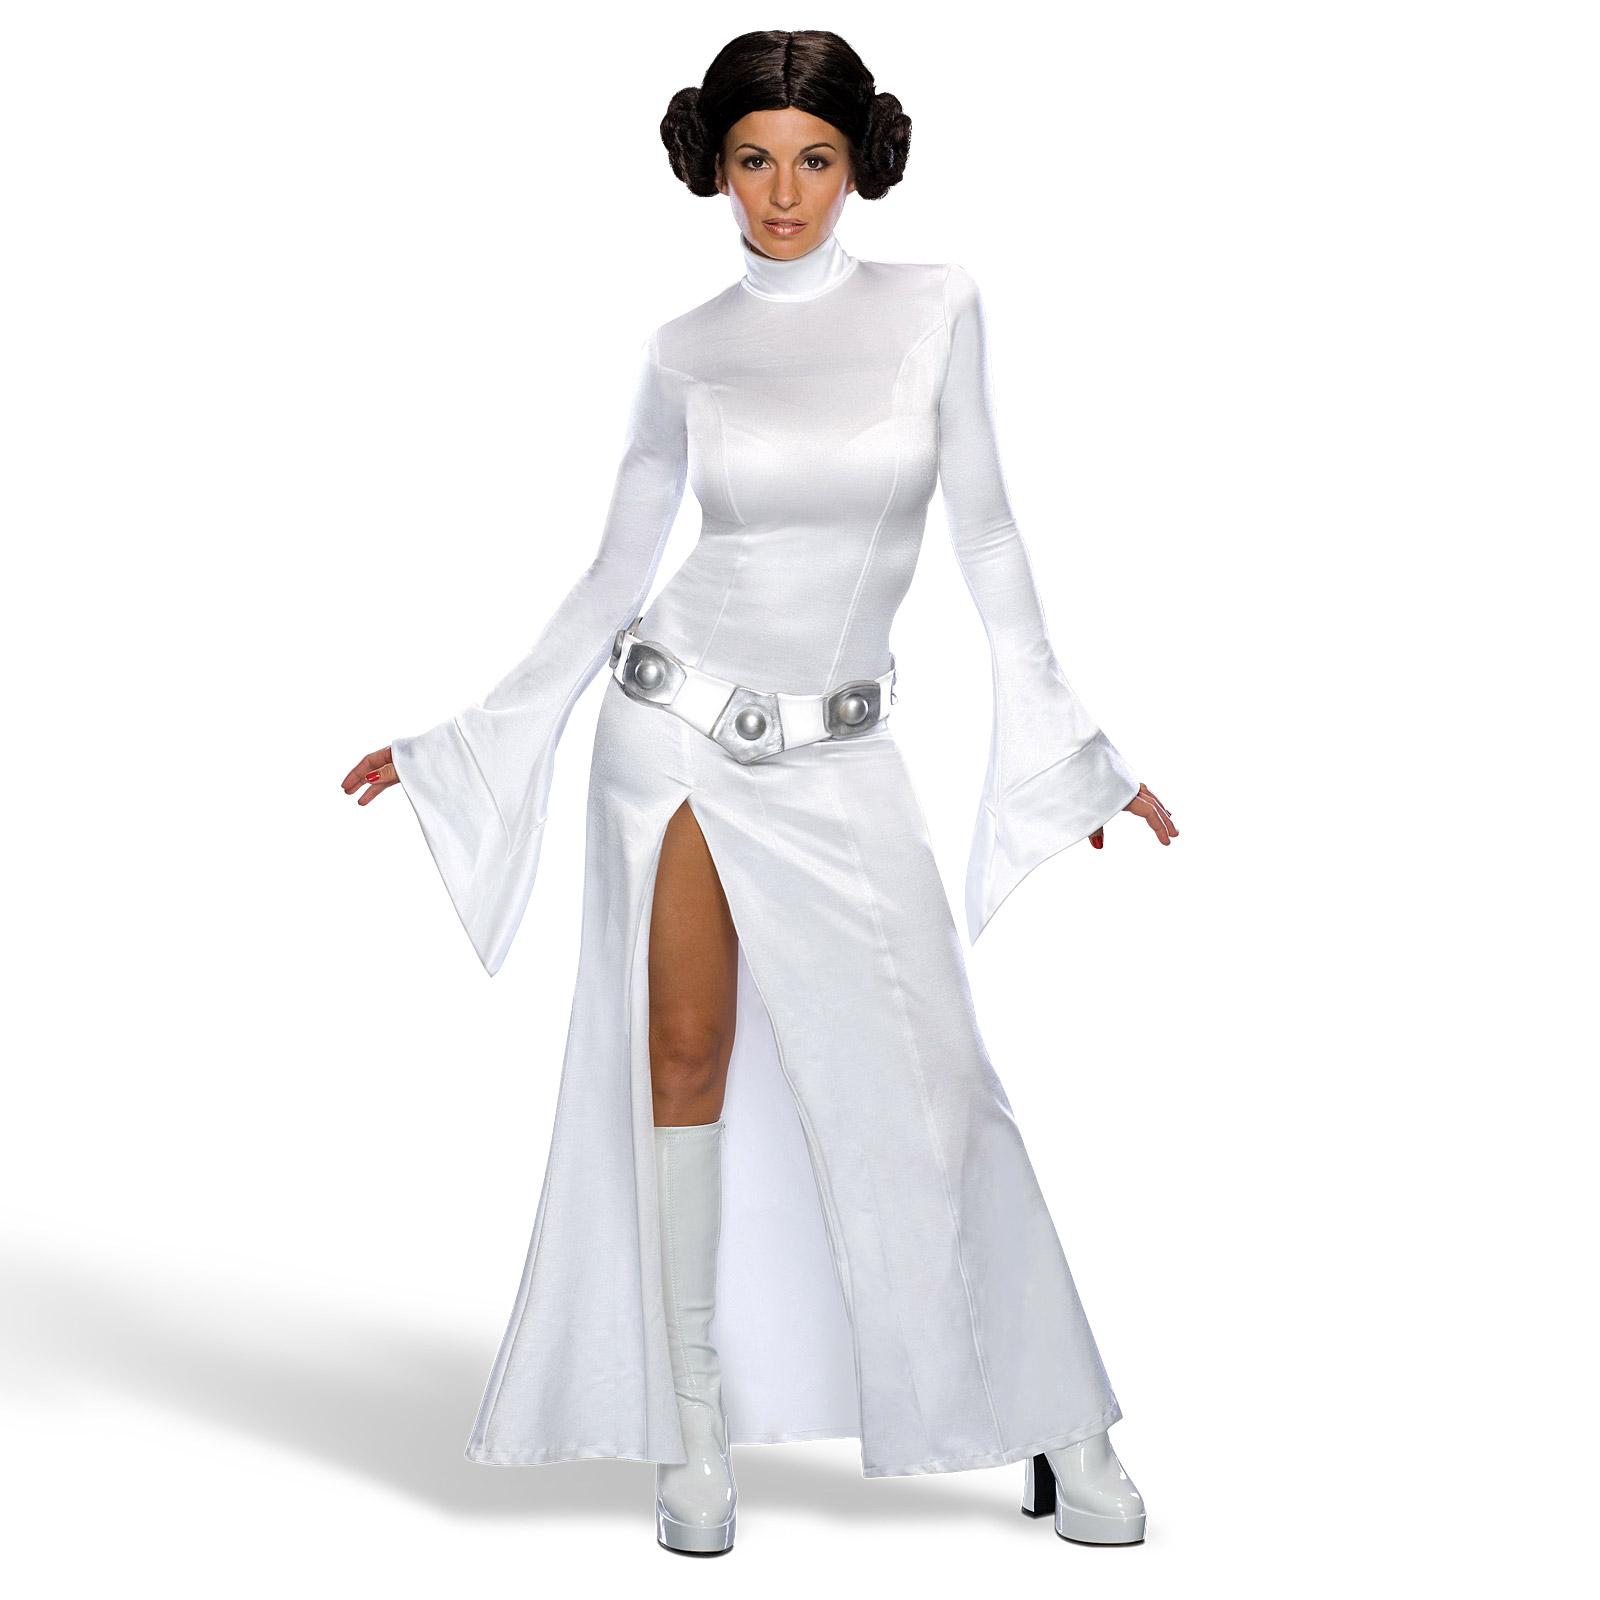 Prinzessin Leia - Star Wars Kostüm